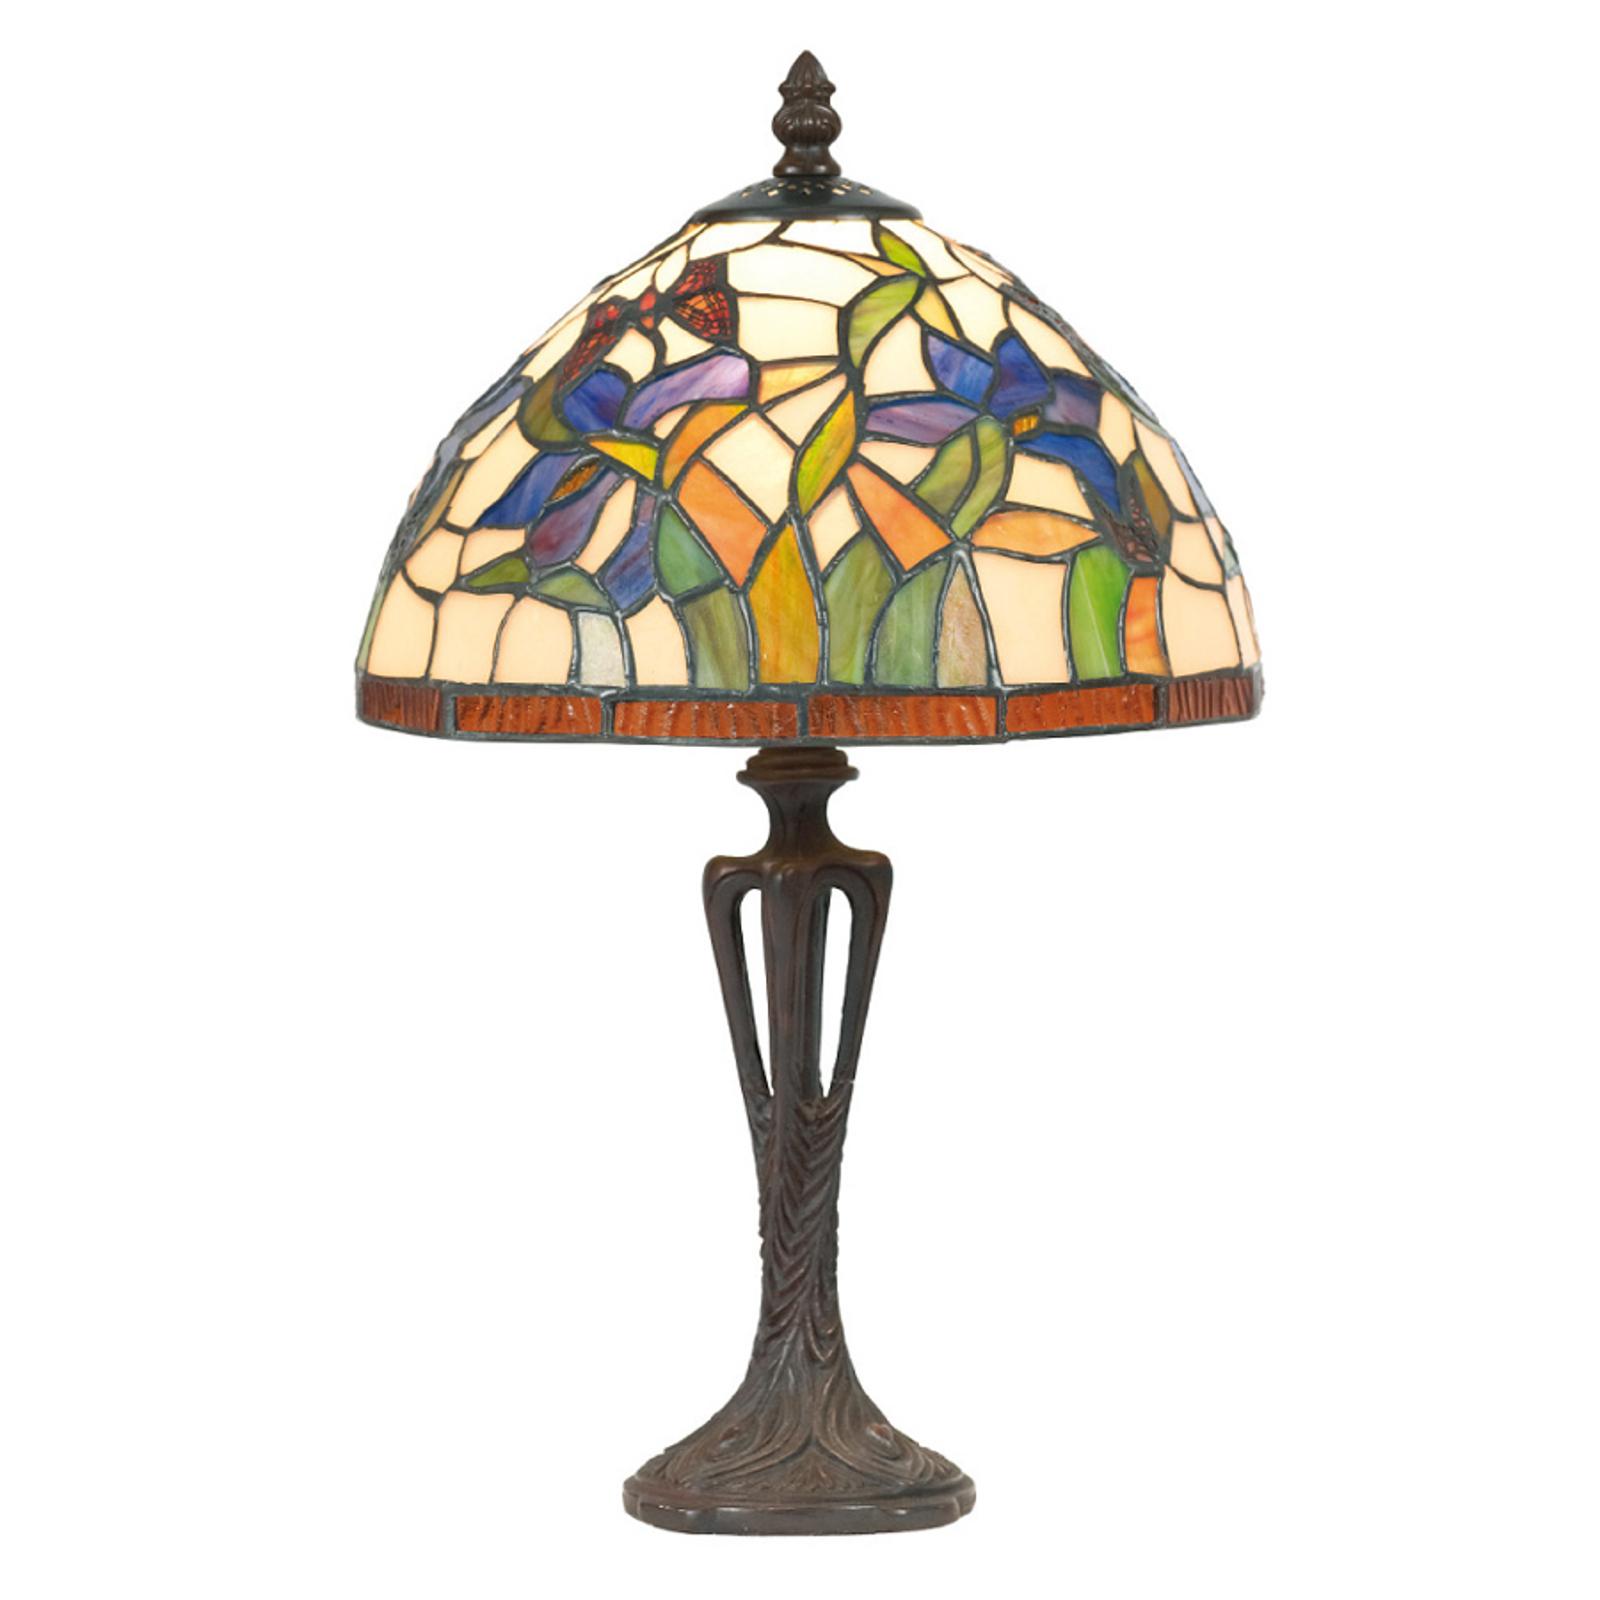 Elanda table lamp in a Tiffany style, 40cm_1032162_1